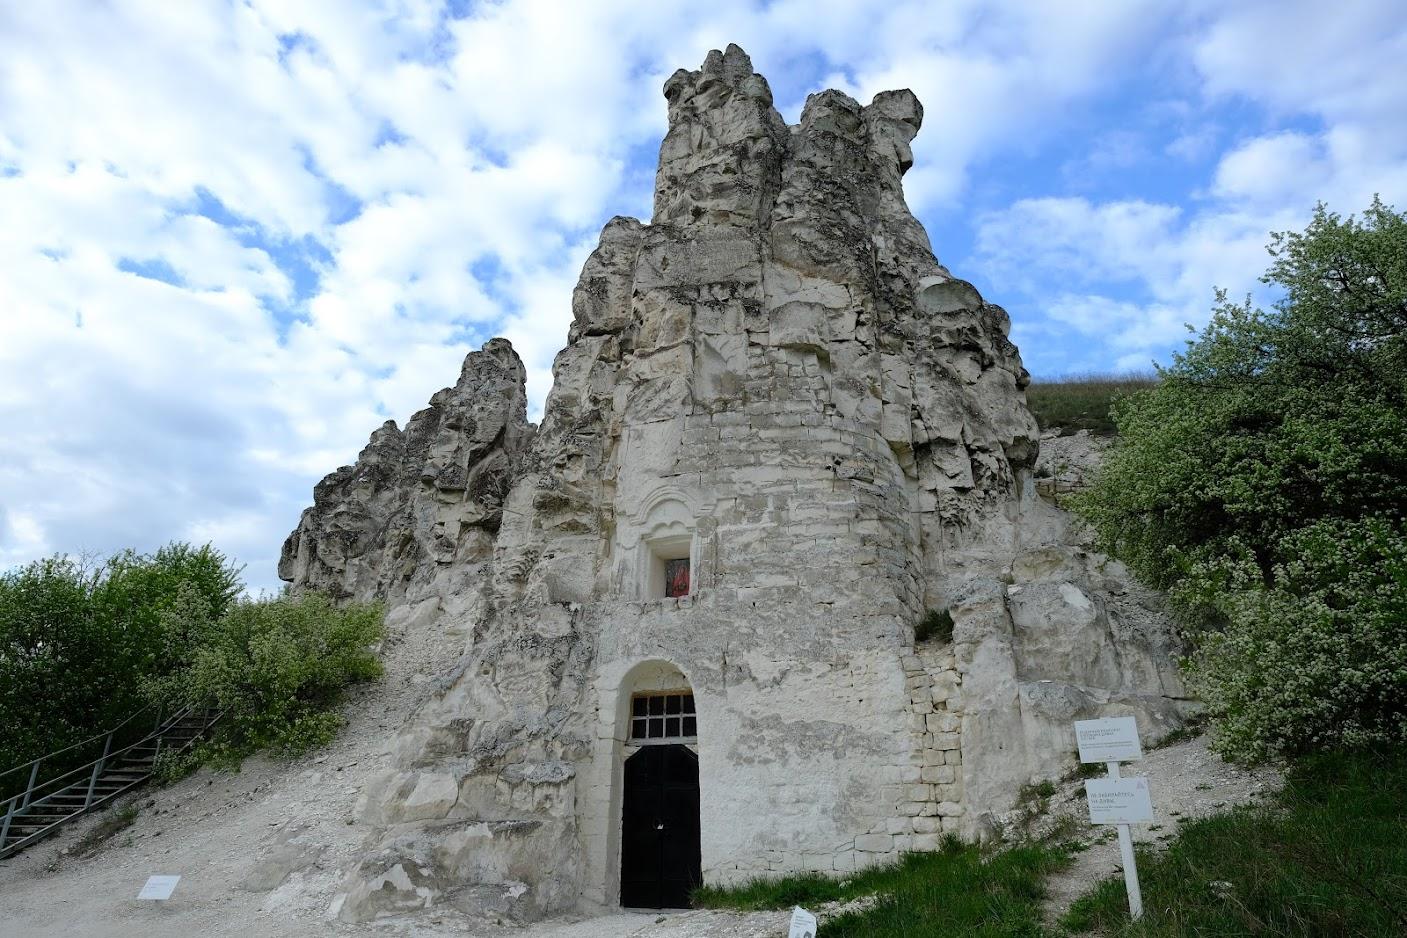 Пещерная церковь в Больших Дивах -Церковь Сицилийской иконы Божией Матери.